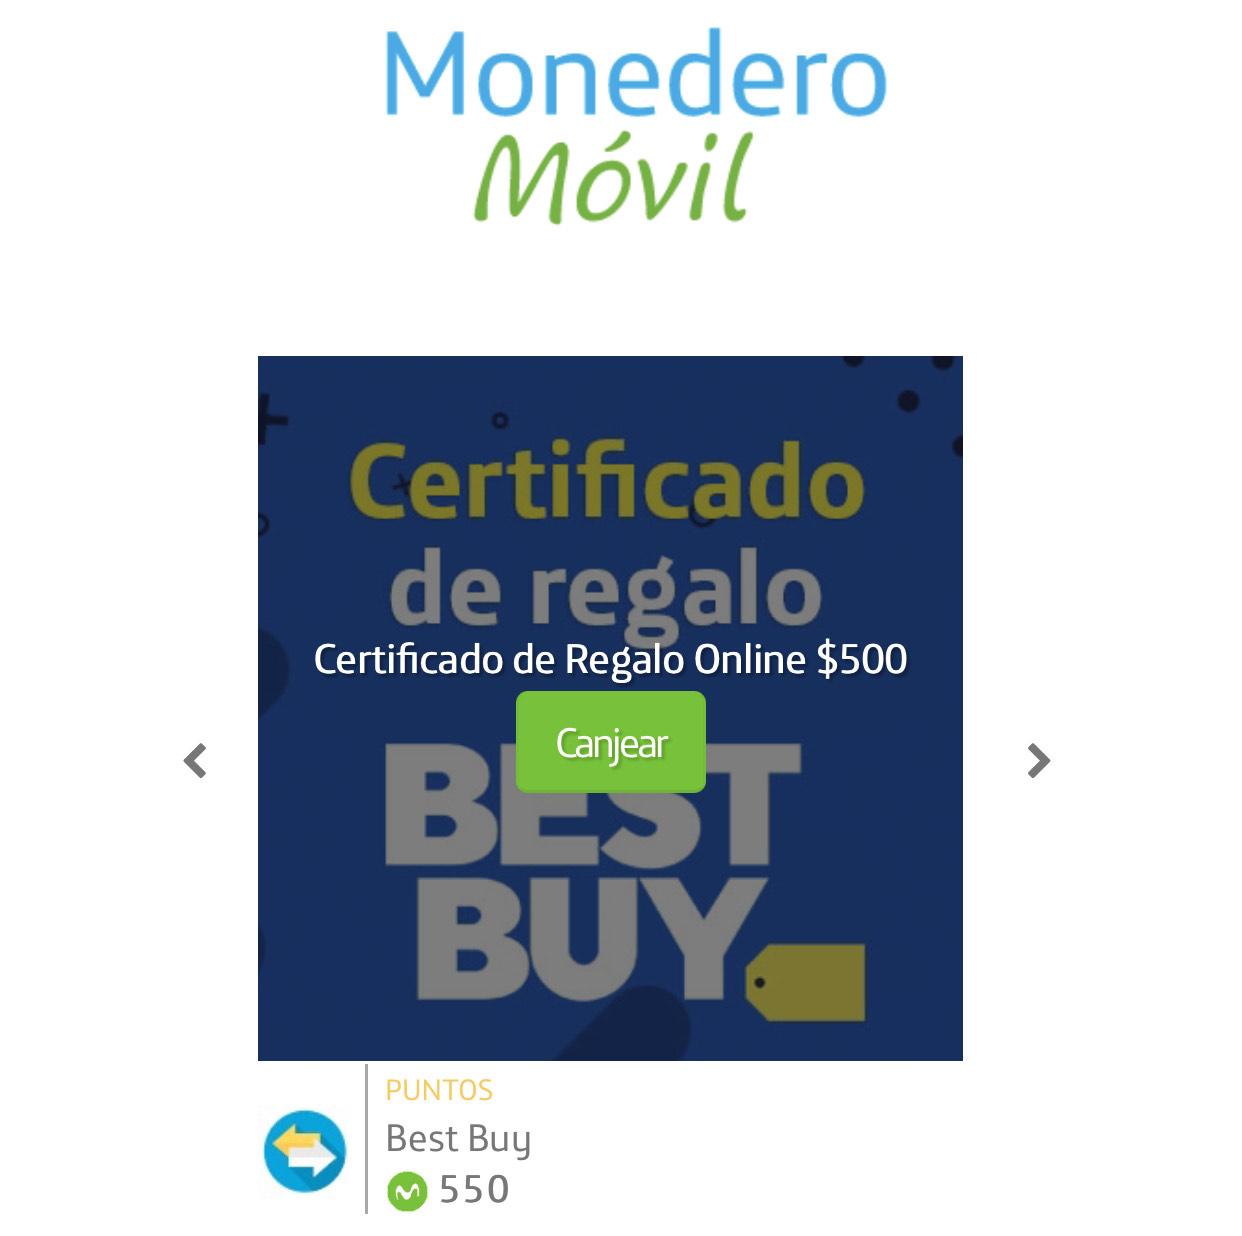 Premios Movistar: Certificado de regalo Best Buy $500 por 550 puntos